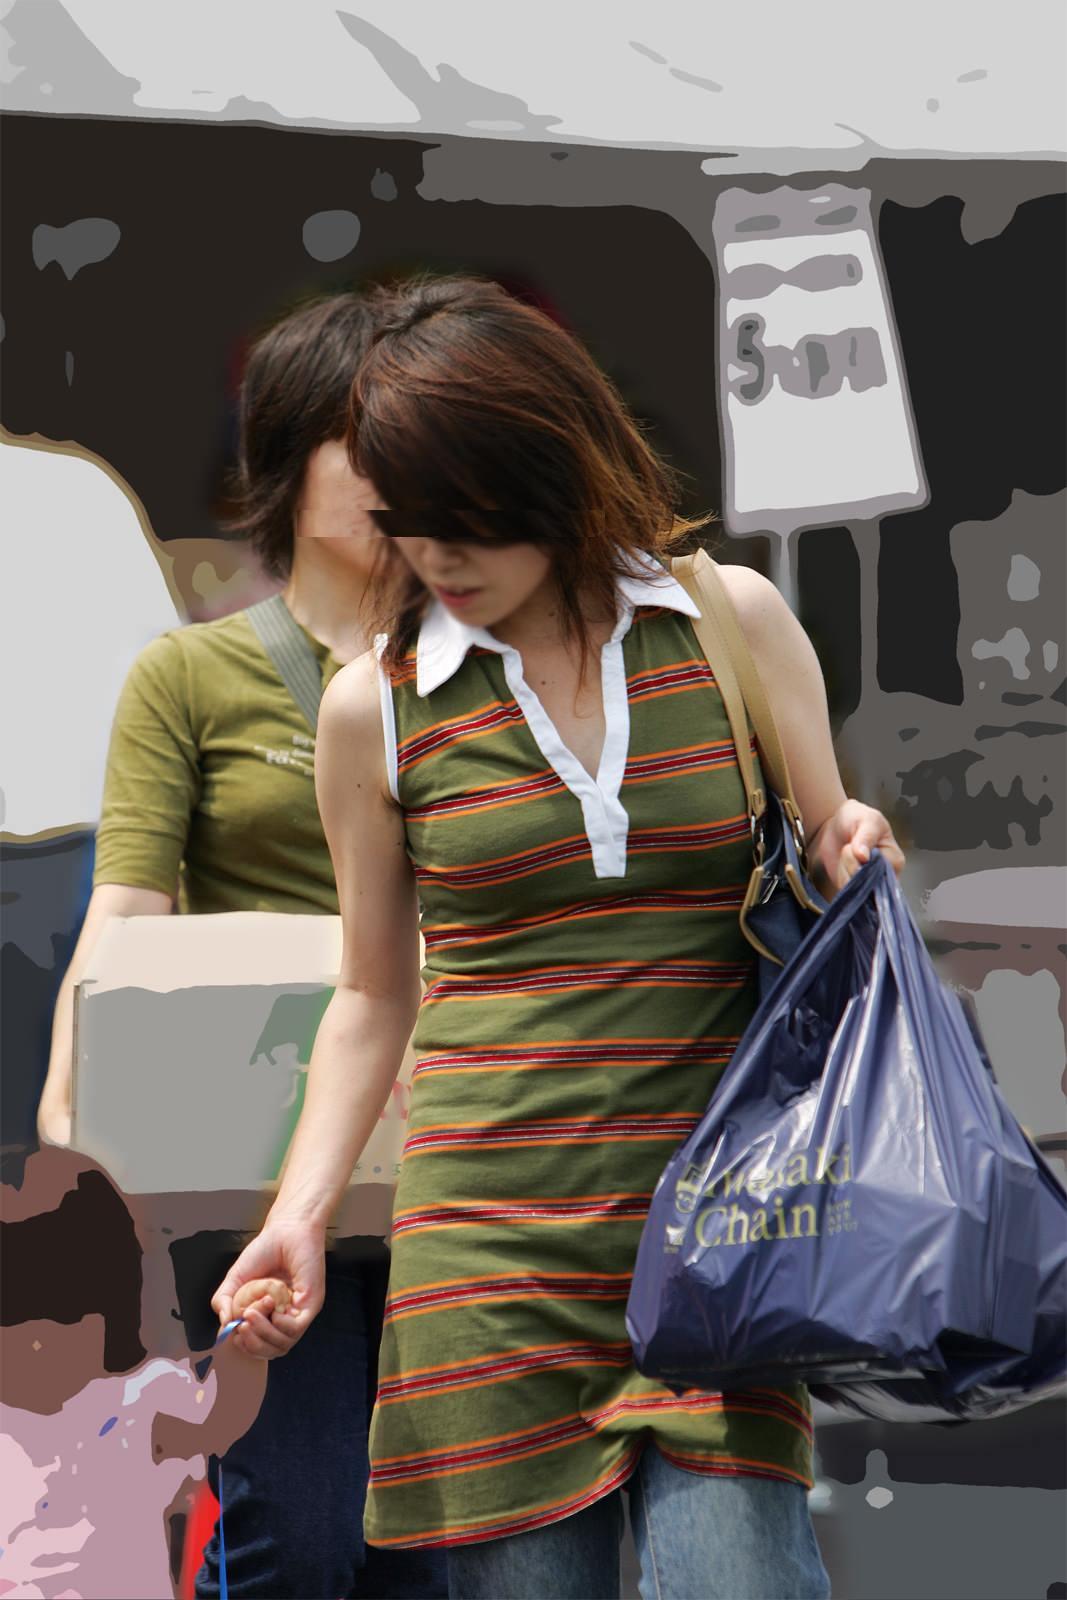 【街撮り盗撮】授乳中の若妻の着衣おっぱいがデカすぎてワロタwwwwww 0406